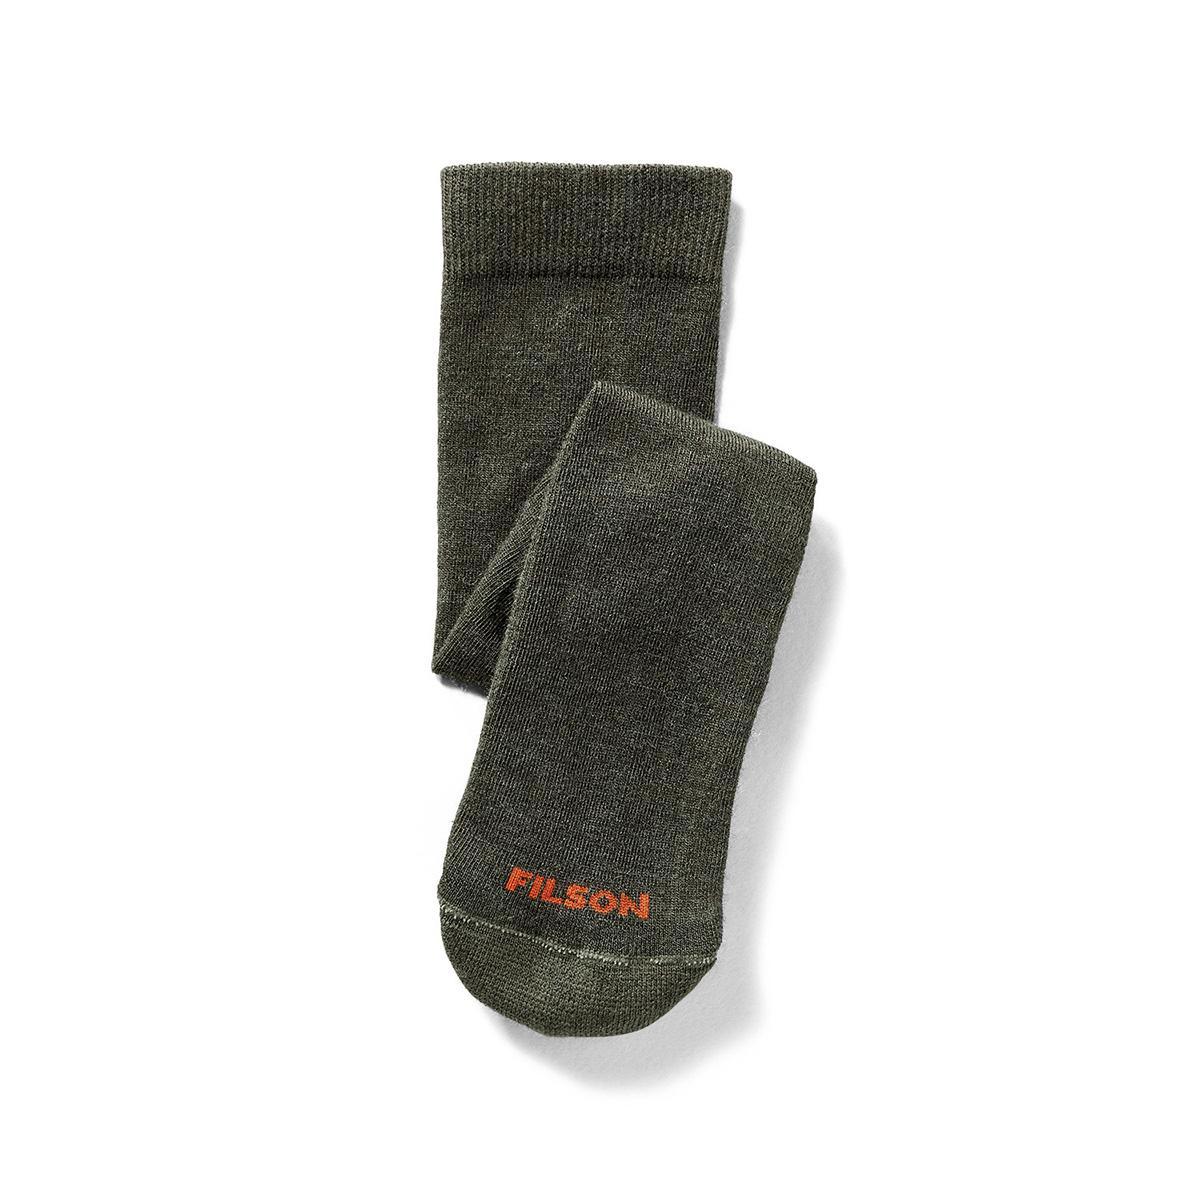 Filson Everyday Crew Sock Green, veelzijdige sokken met medium polstering gemaakt van een merinowolmix